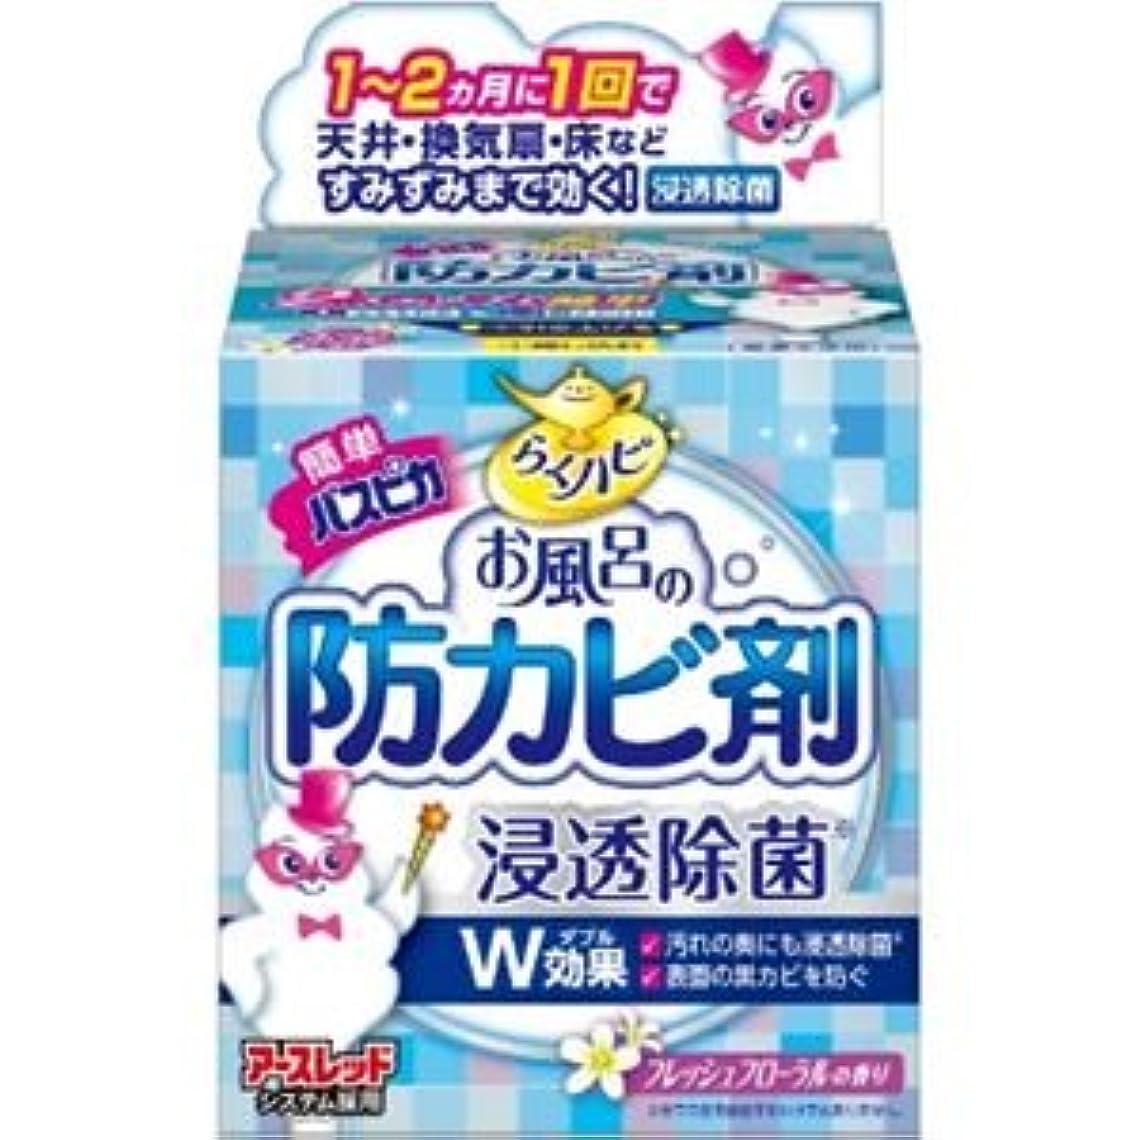 ハシー排気宿題をする(まとめ)アース製薬 らくハピお風呂の防カビ剤フローラルの香り 【×3点セット】